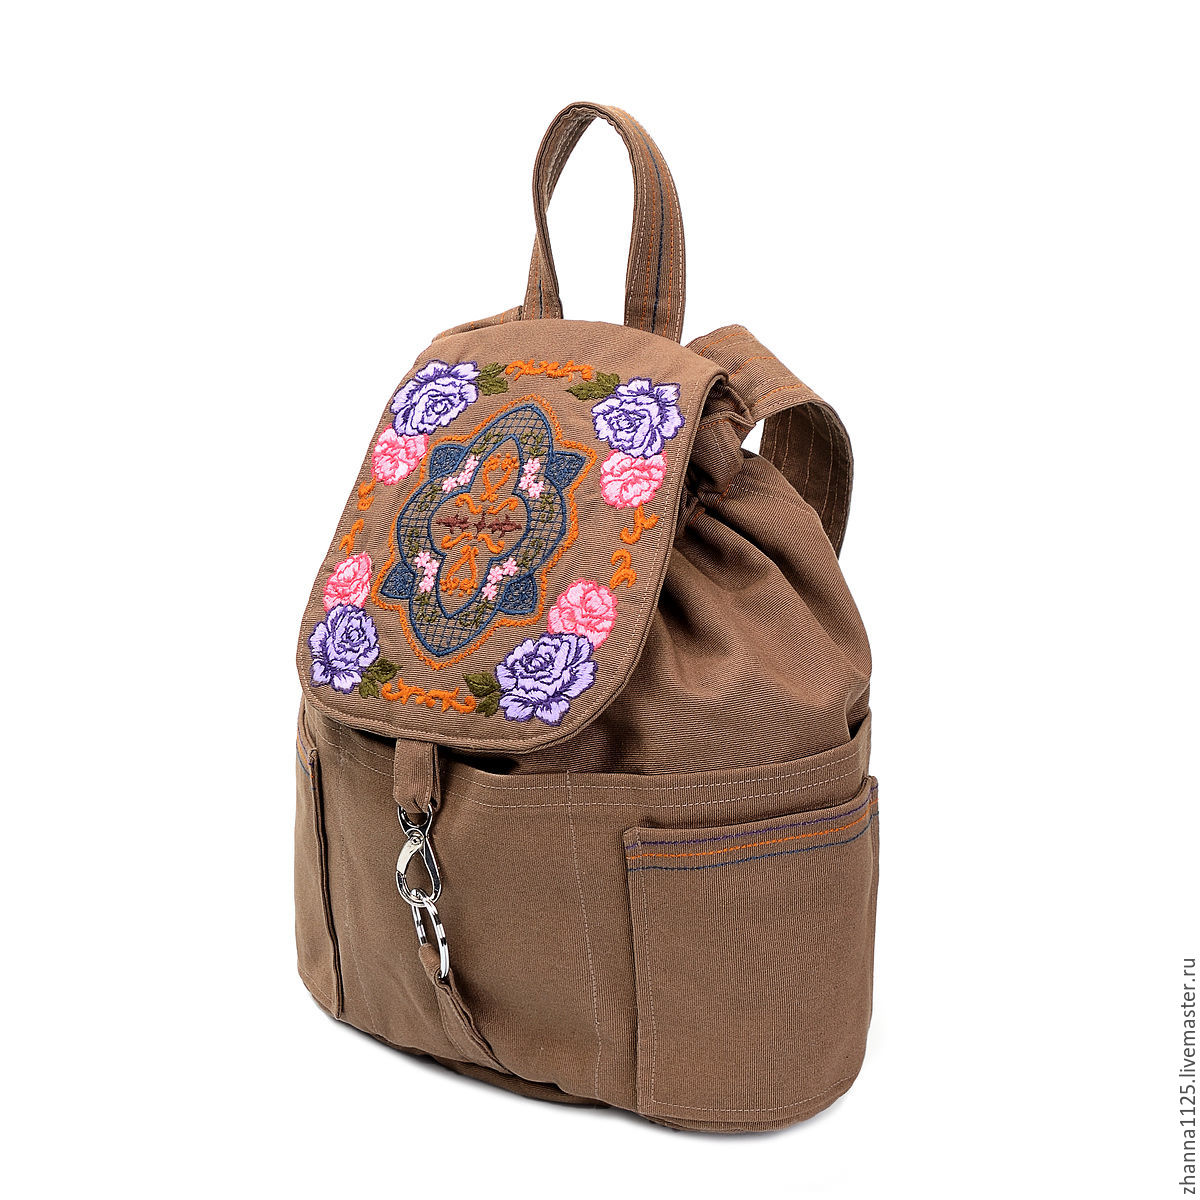 Рюкзаки для работы купить в москве рюкзак утяжелитель с изменяемой нагрузкой